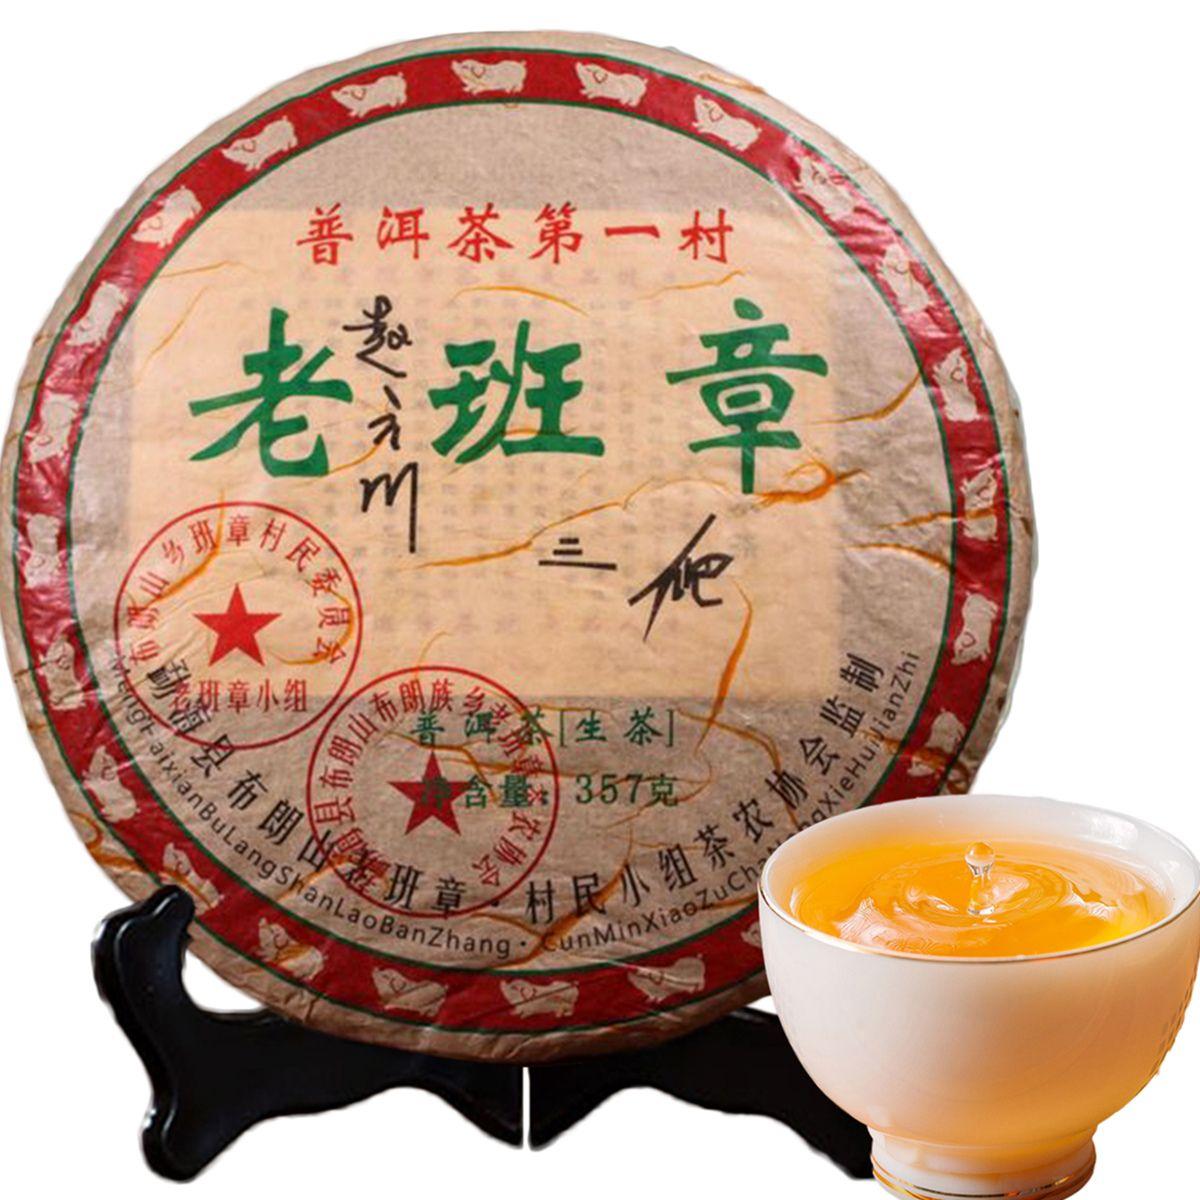 Promotion 357g Raw Pu Er чай Юньнань высшего сорта Старый Banzhang Pu'er чай Органический Природные Pu'er зеленый чай торт фабрика прямых продаж